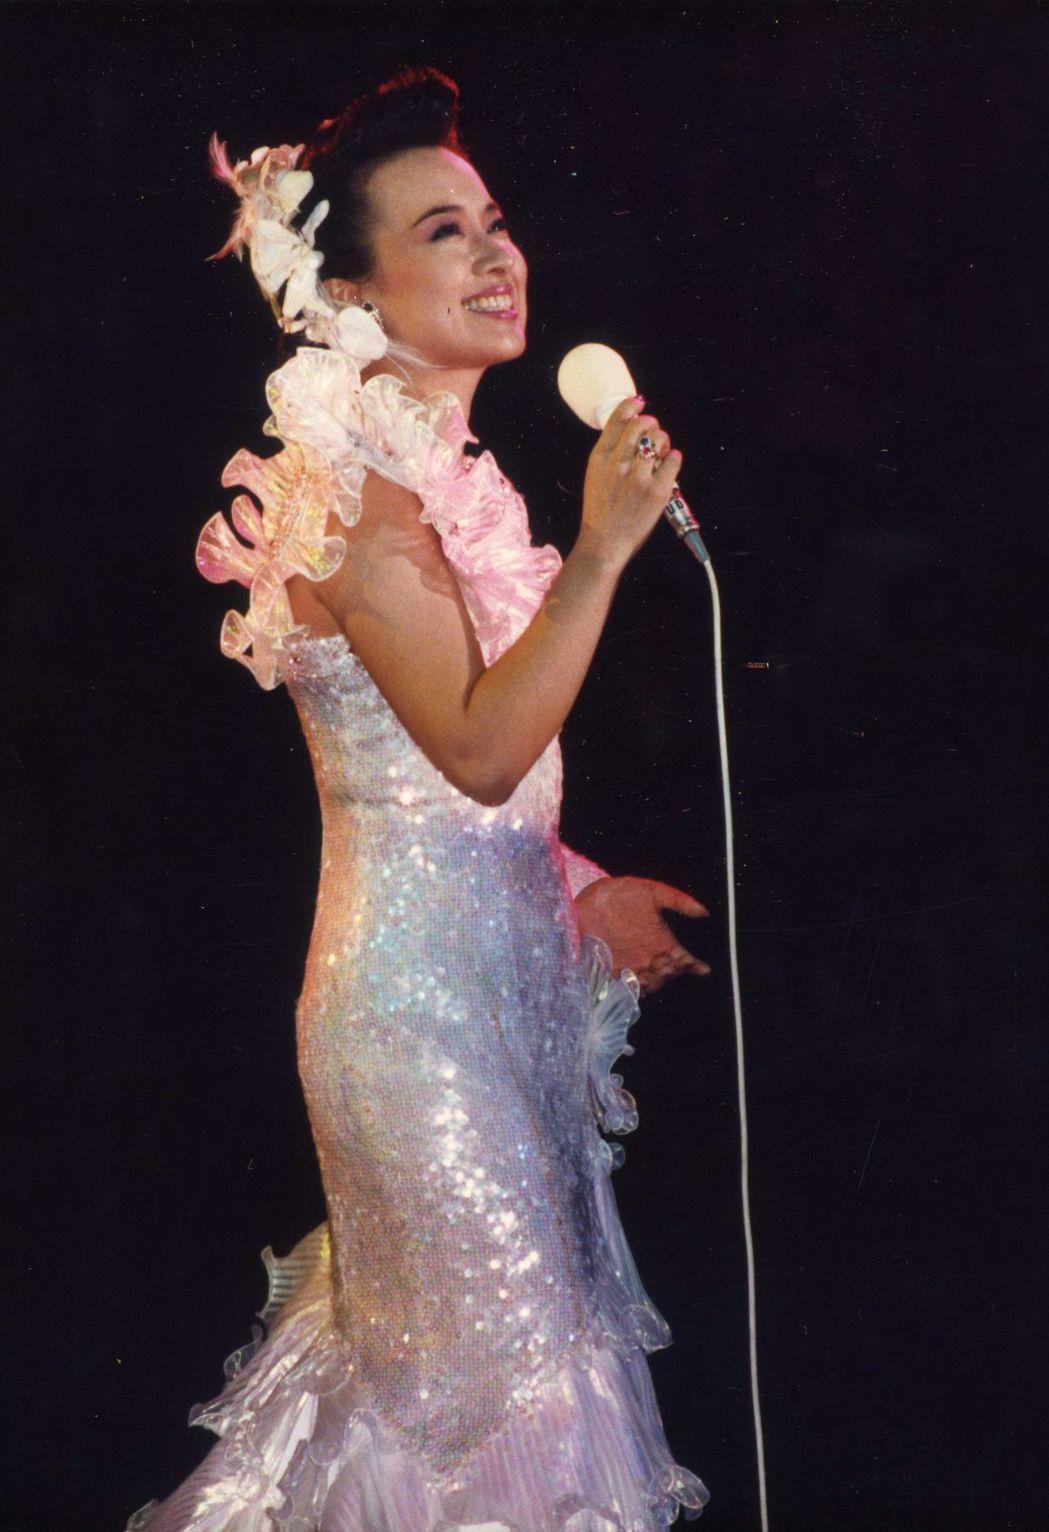 翁倩玉的歌藝風靡日本與華人區的聽眾。圖/報系資料照片